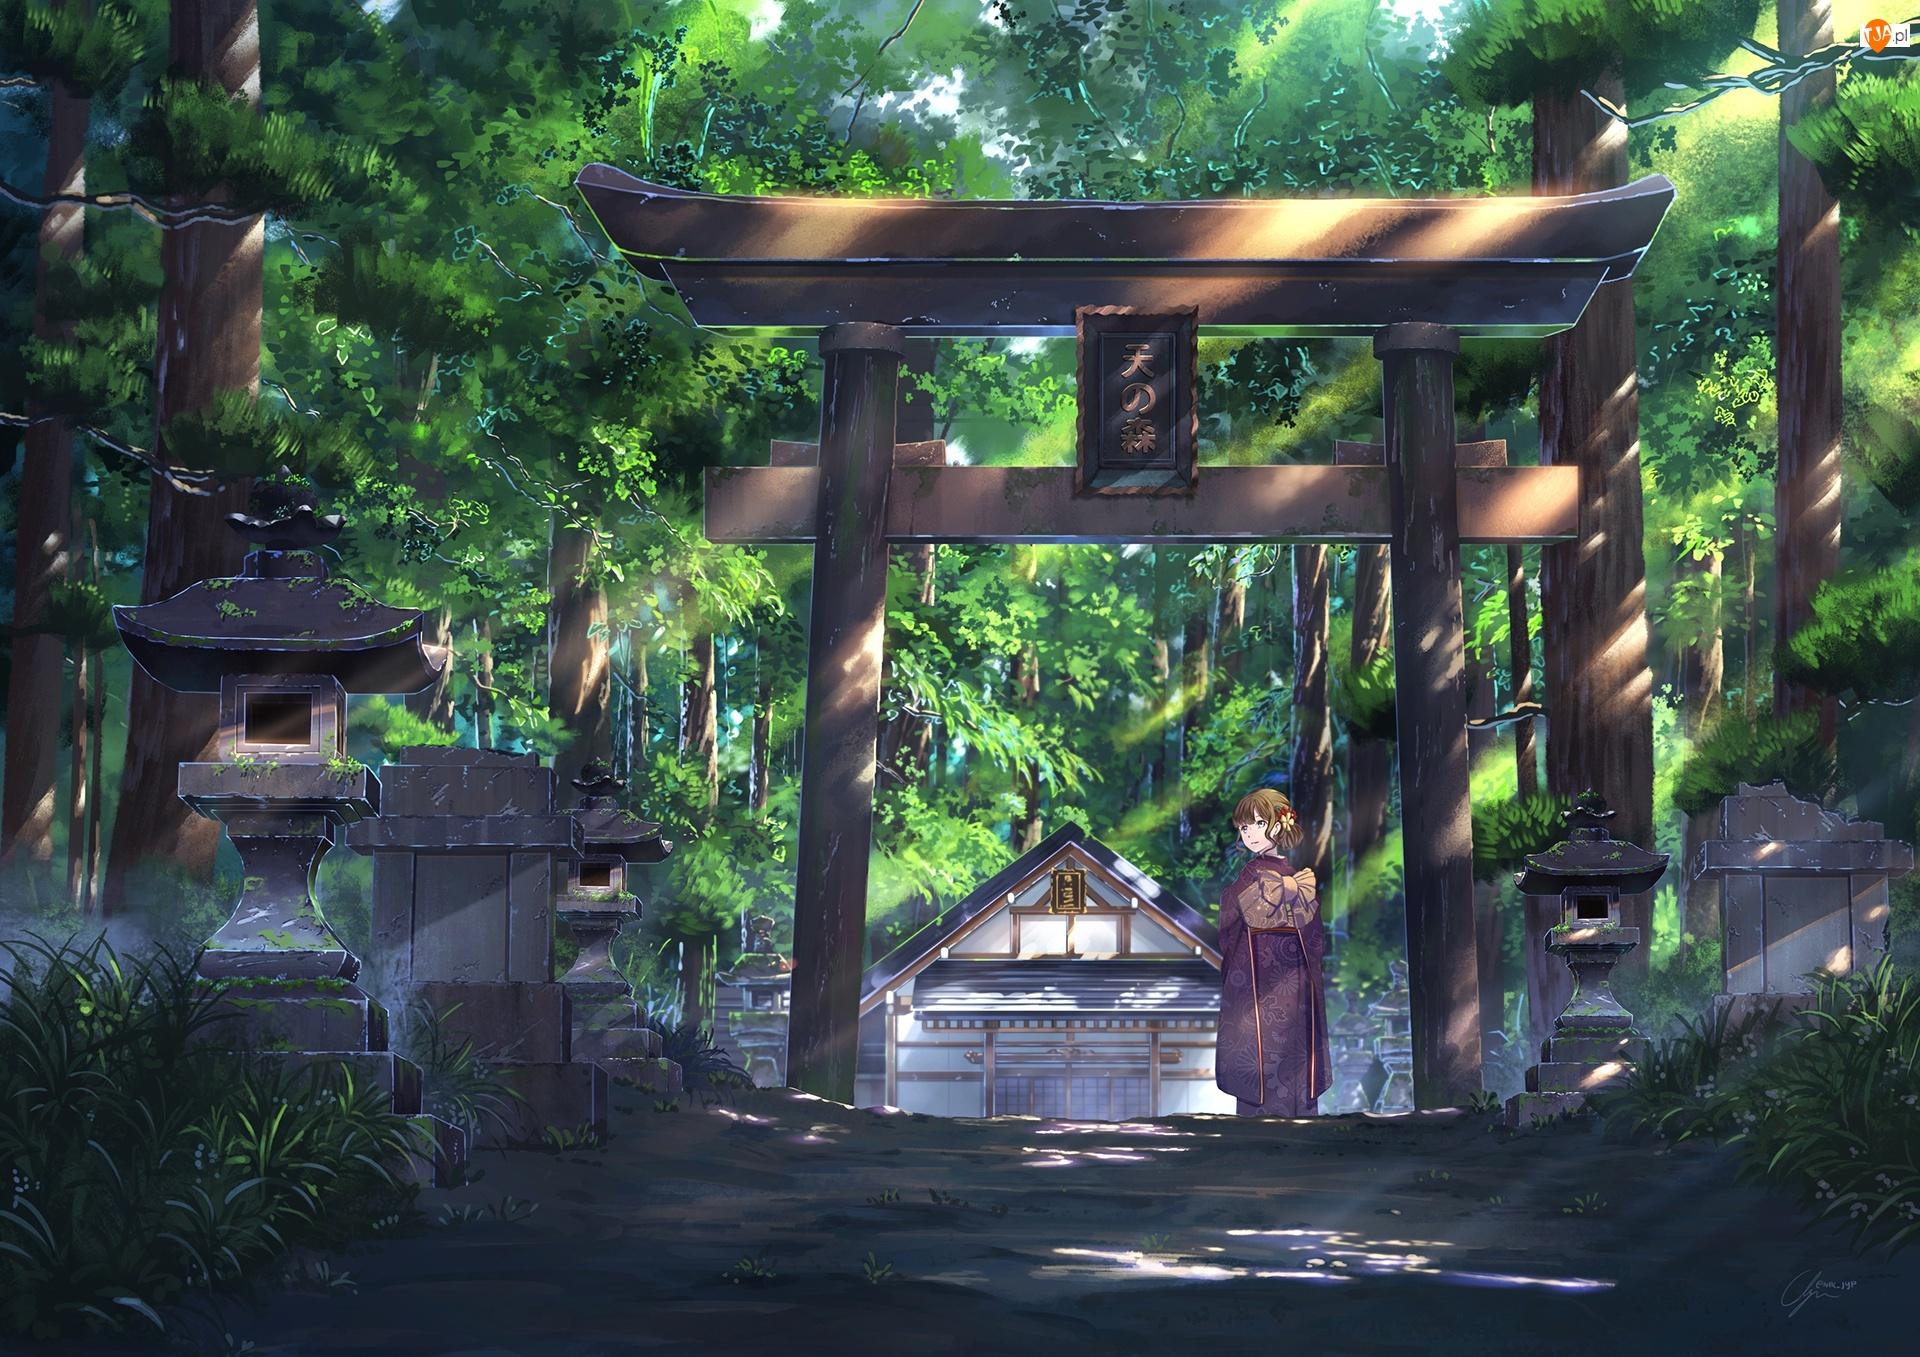 Świątynia, Anime, Brama, Las, Dziewczynka, Torii